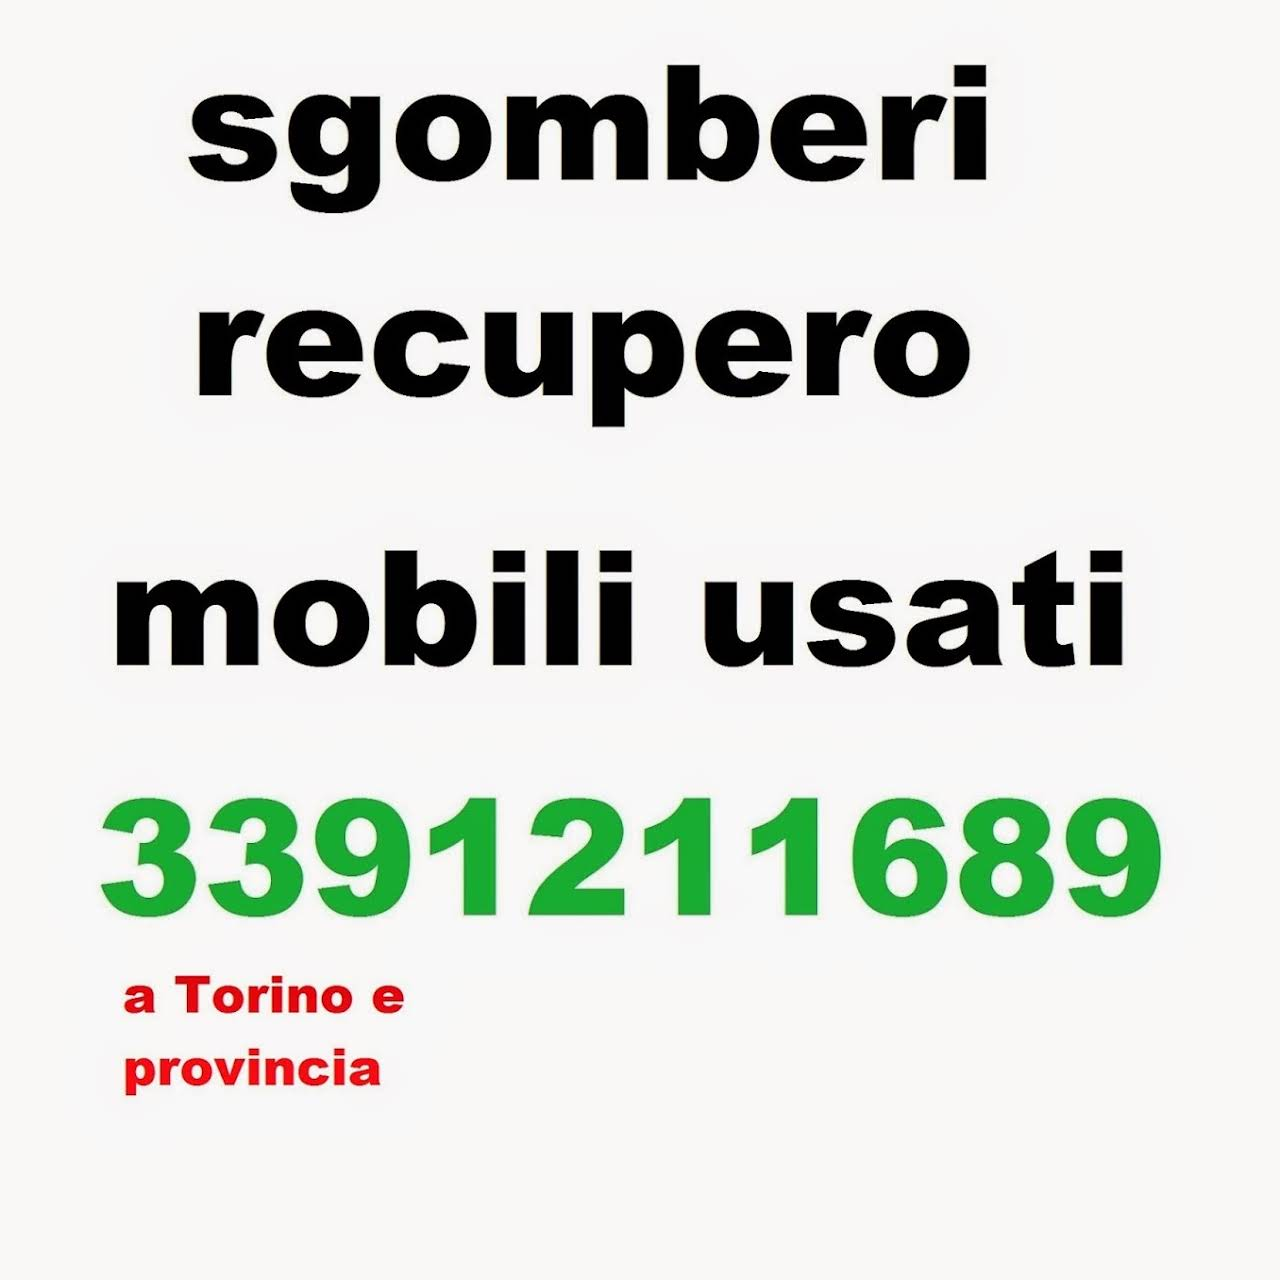 Ritiro Mobili Usati Chieri Sgomberi E Traslochi A Torino E